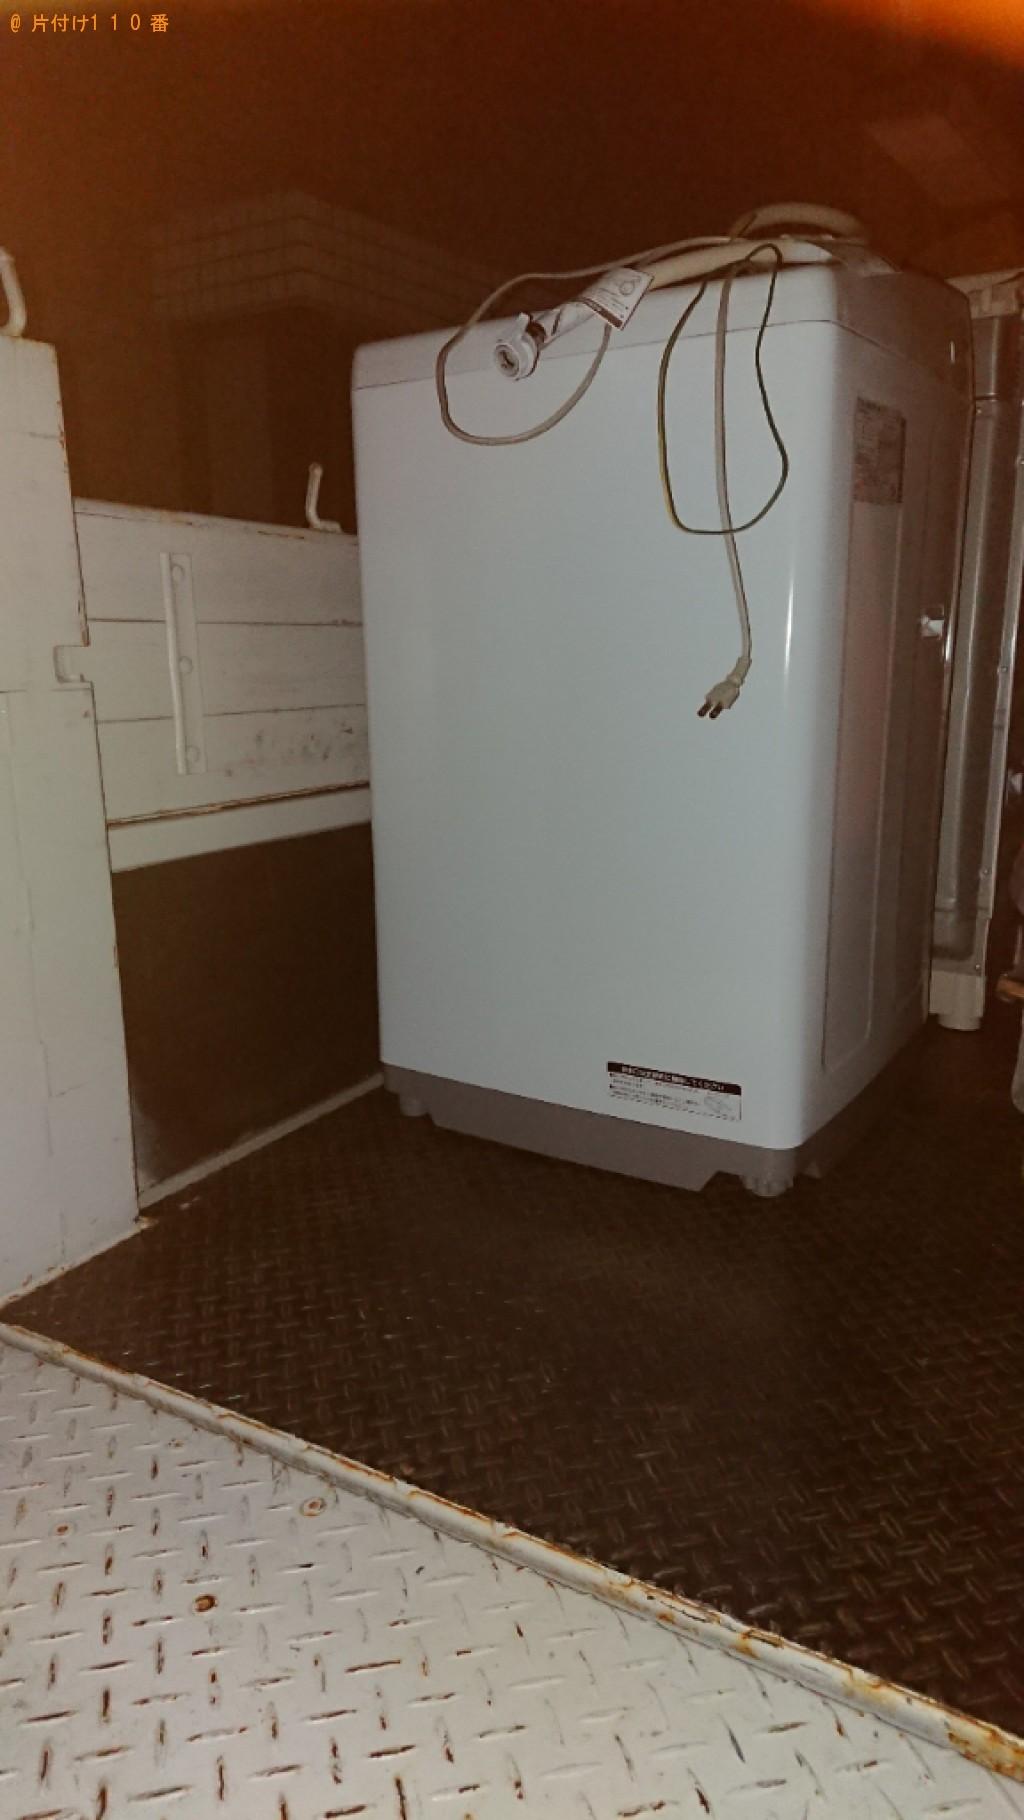 【野田市】洗濯機の回収・処分ご依頼 お客様の声